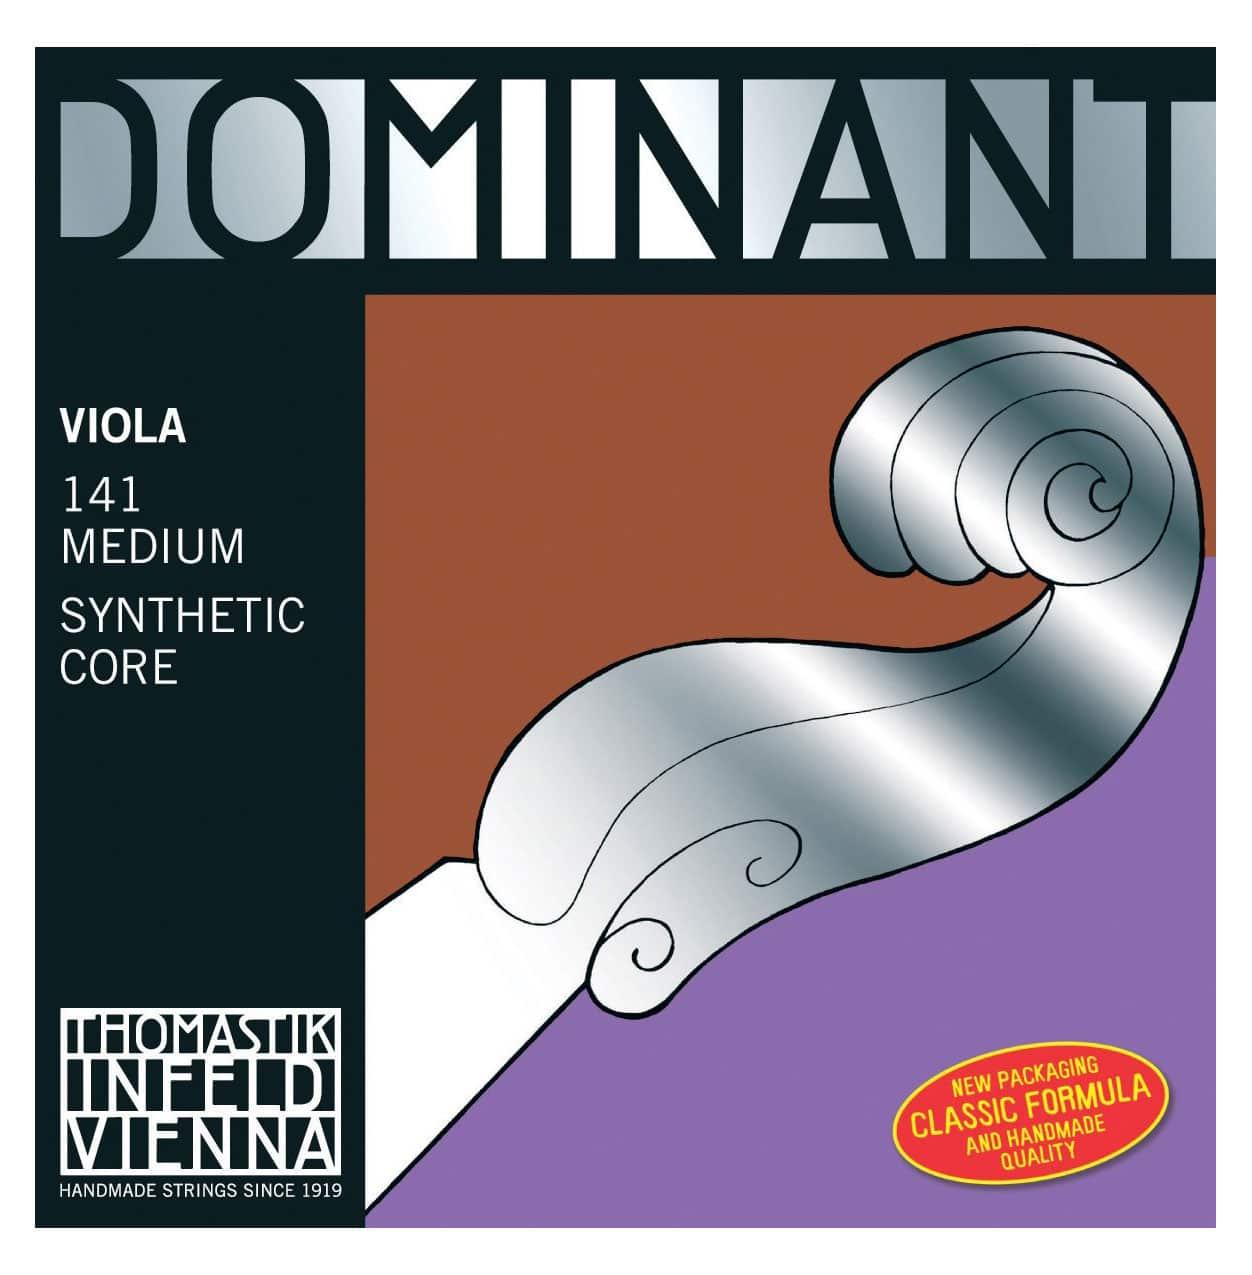 Streichsaiten - Thomastik Dominant 141 Saitensatz für Viola Medium - Onlineshop Musikhaus Kirstein